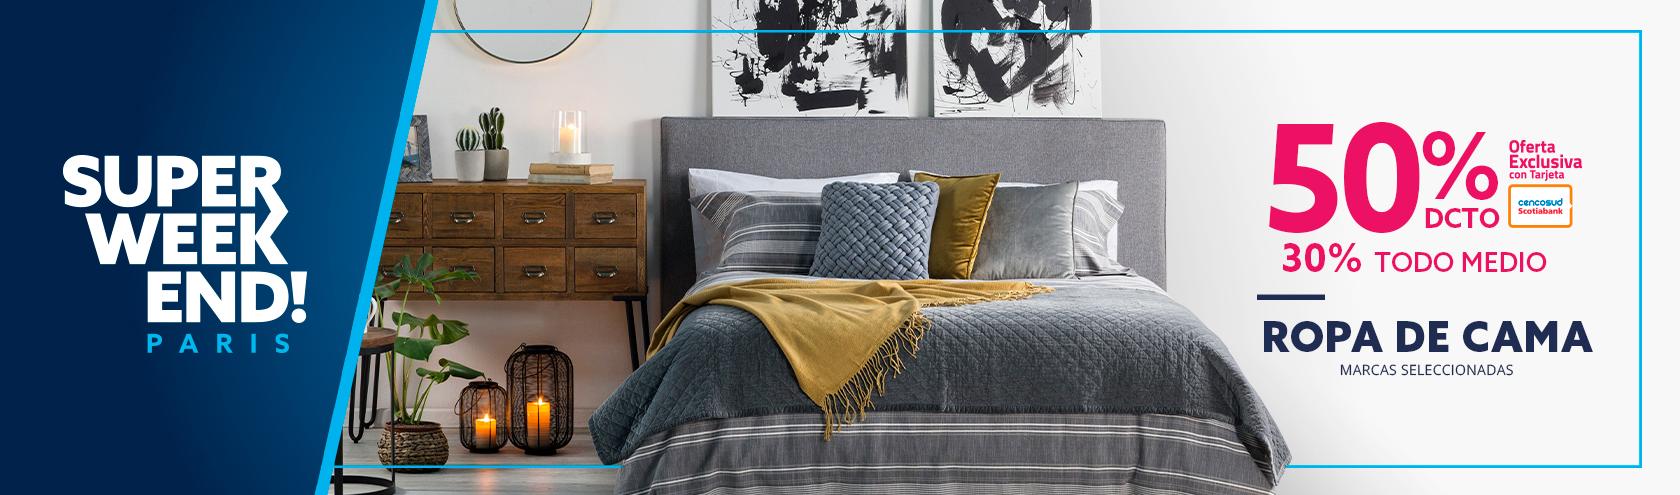 50 porciento de descuento en ropa de cama con tarjeta cencosud